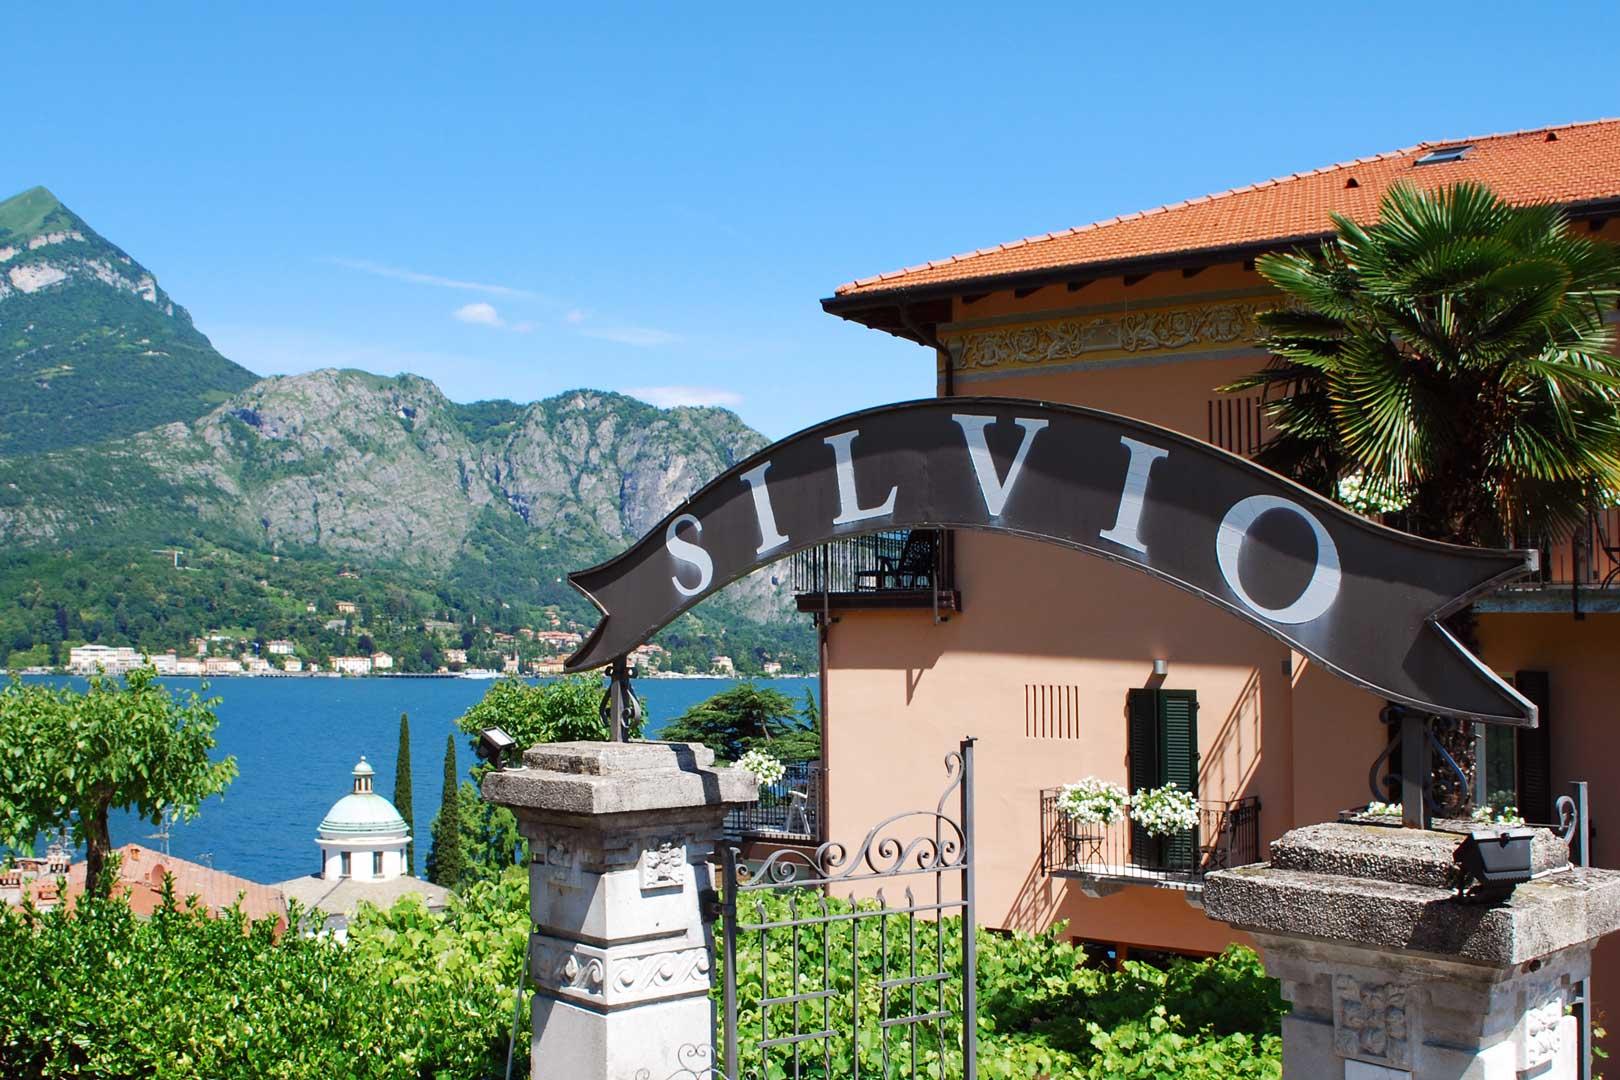 Ristorante Hotel Silvio - Bellagio